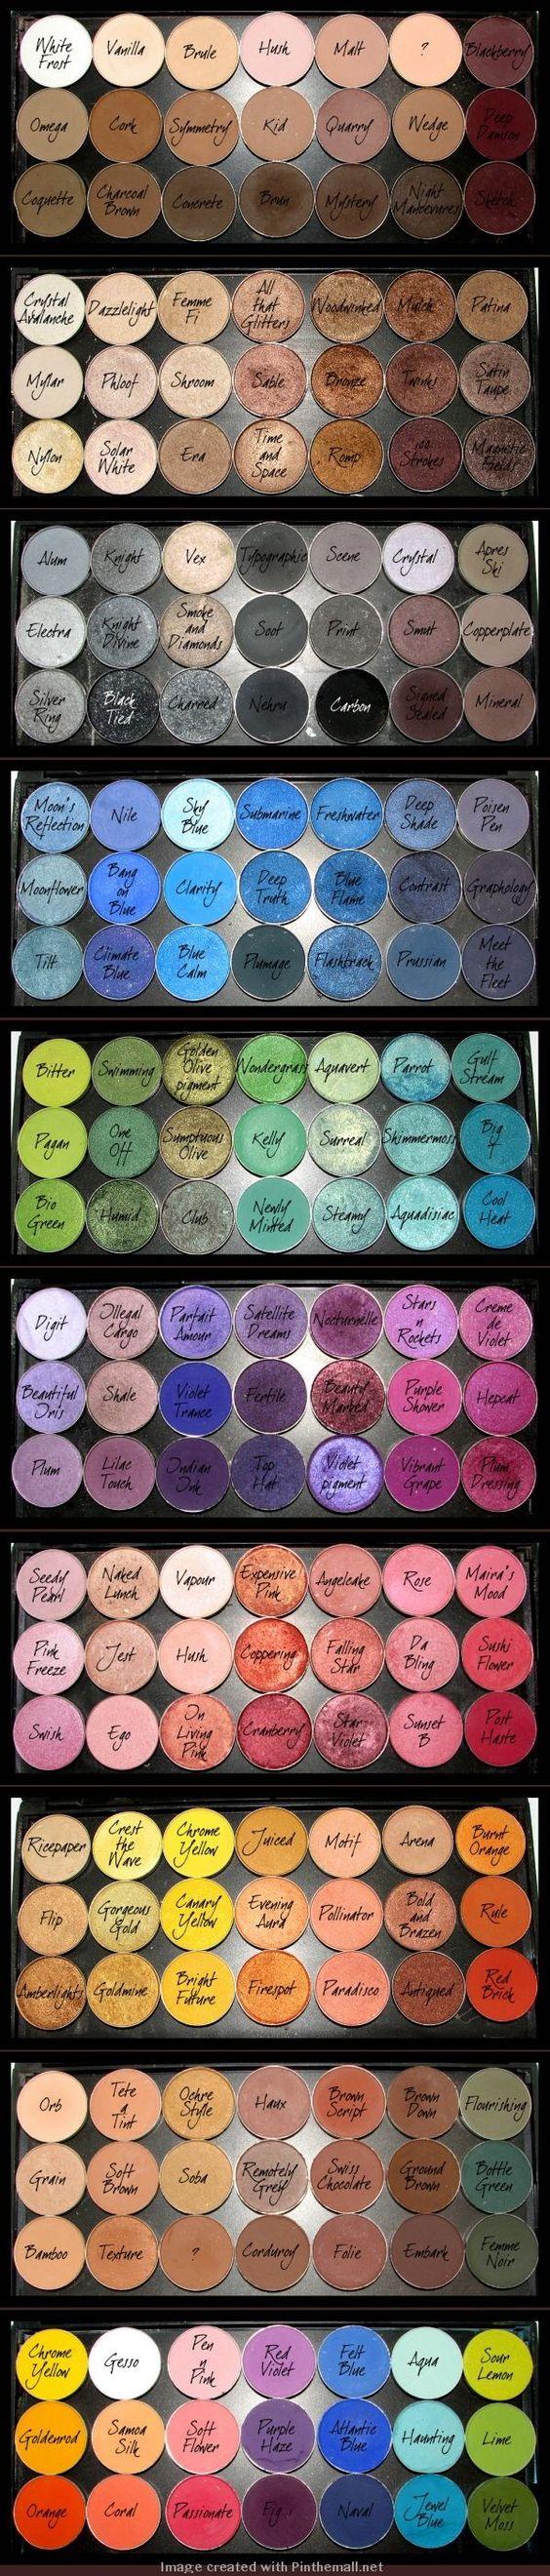 MAC Eyeshadows : Blackberry, Club, Beautiful iris, Indian ink, Embark, Haux, Brown Script.